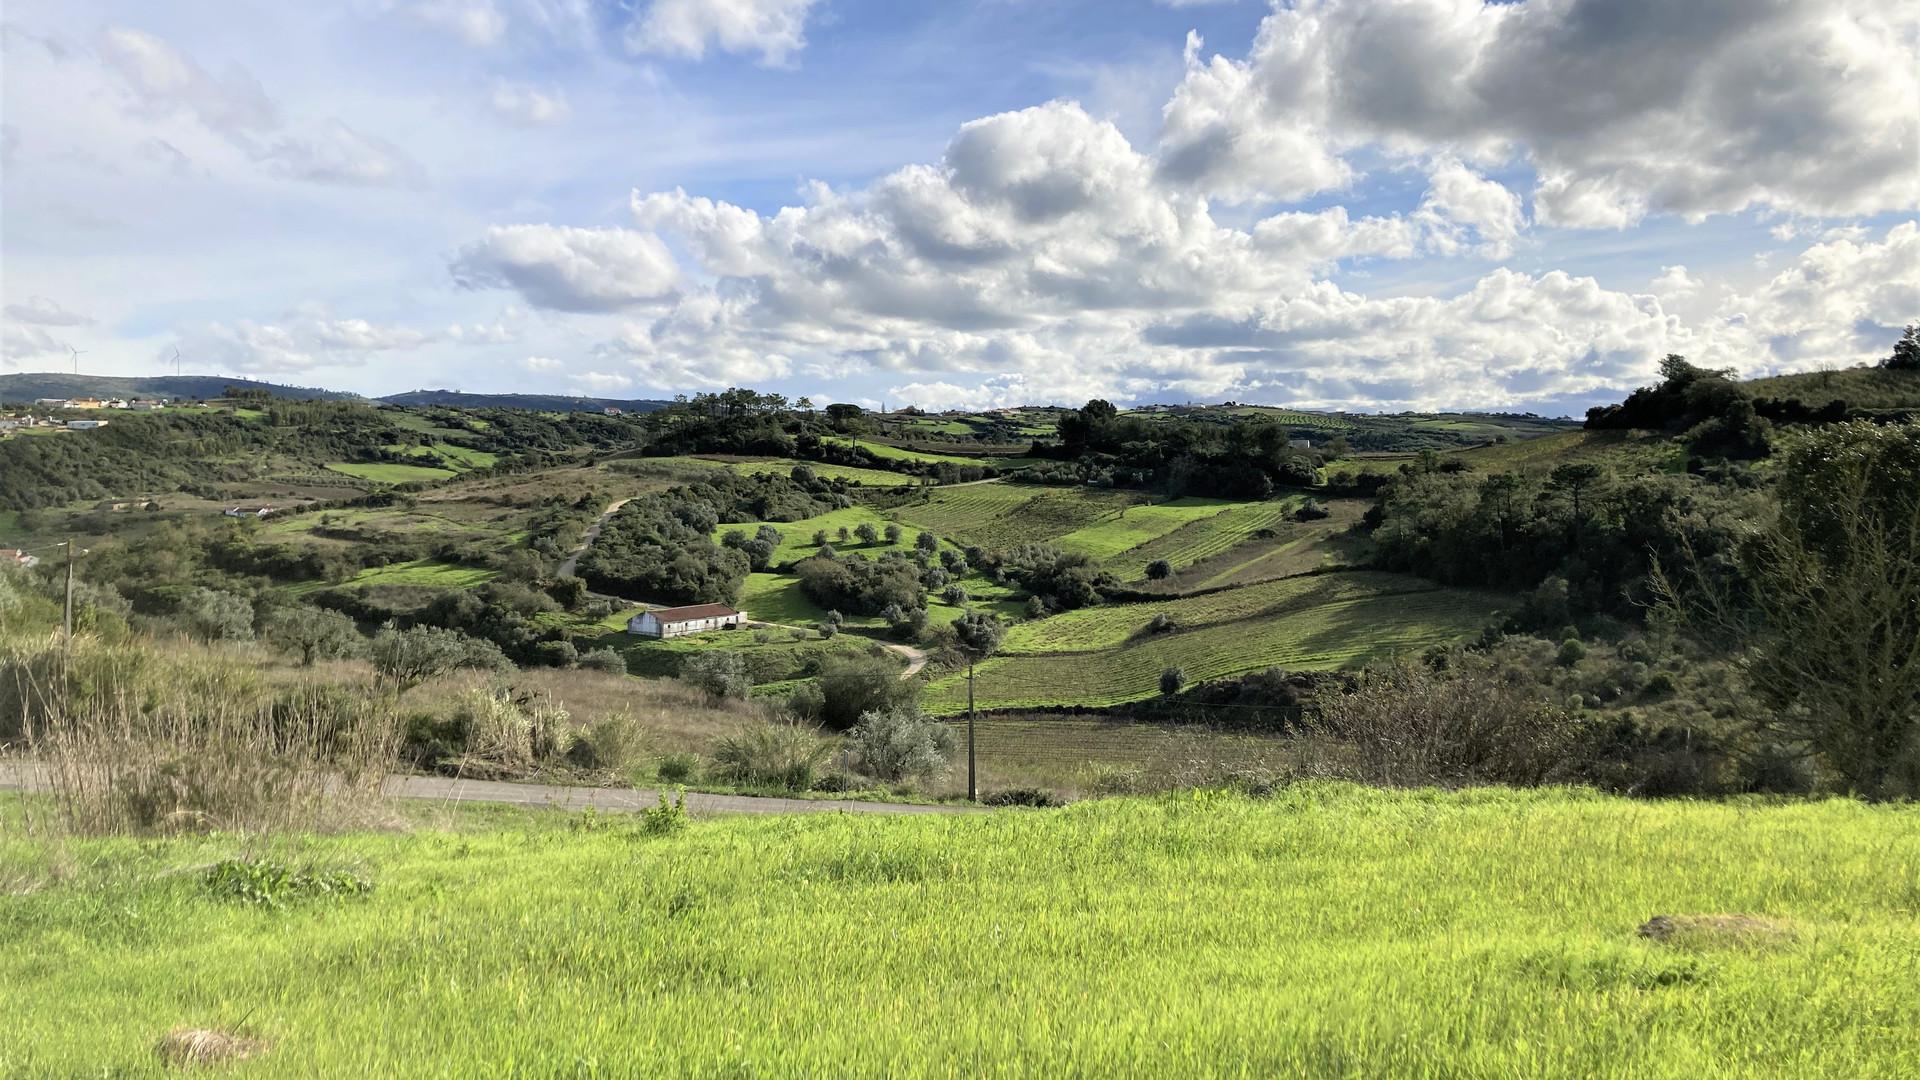 Casas do Carvalho view